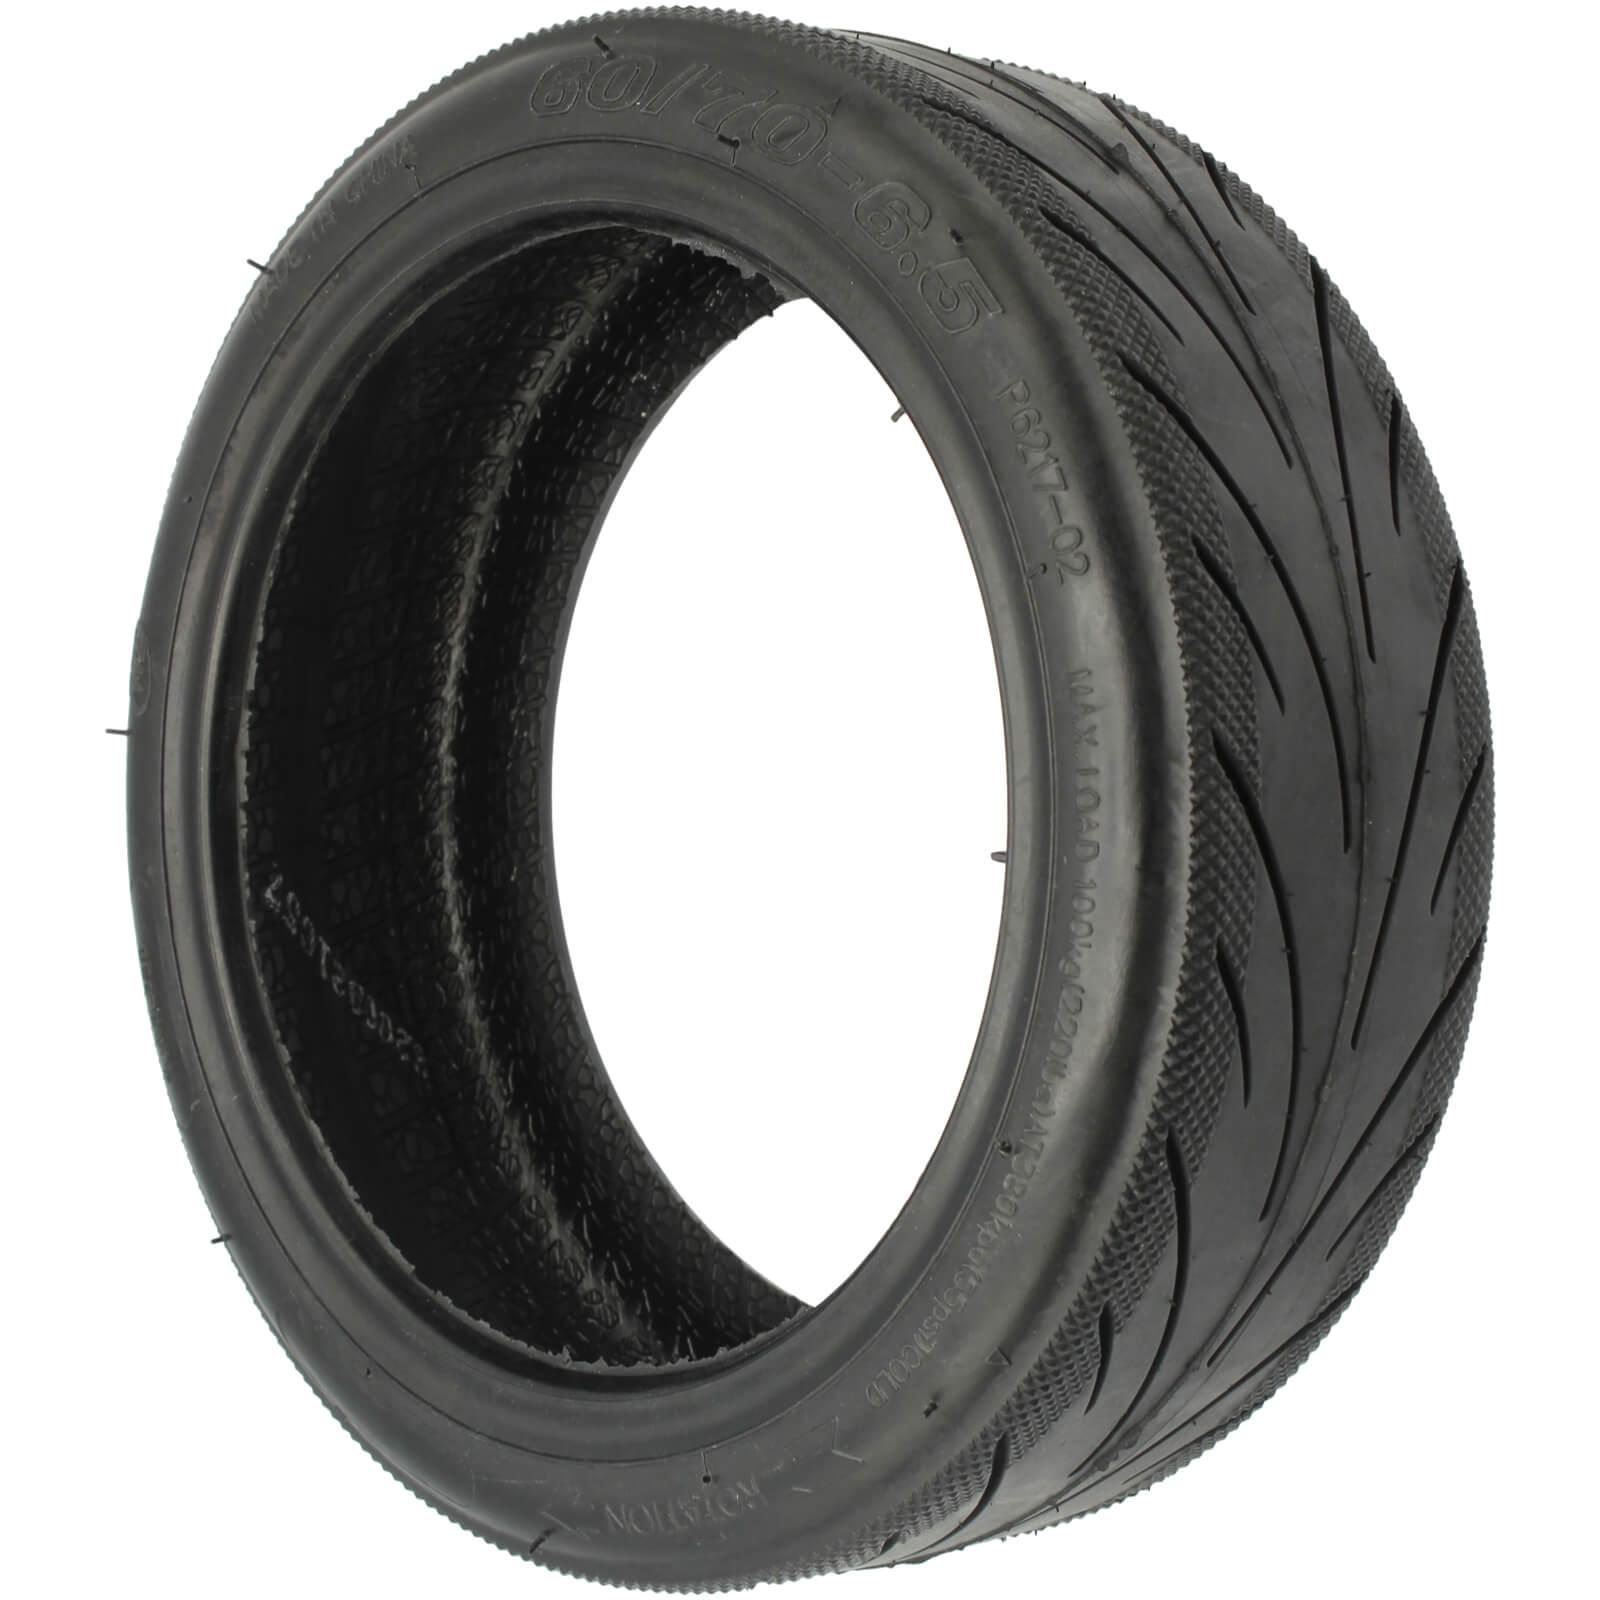 pneu 60 70 6.5 tubeless